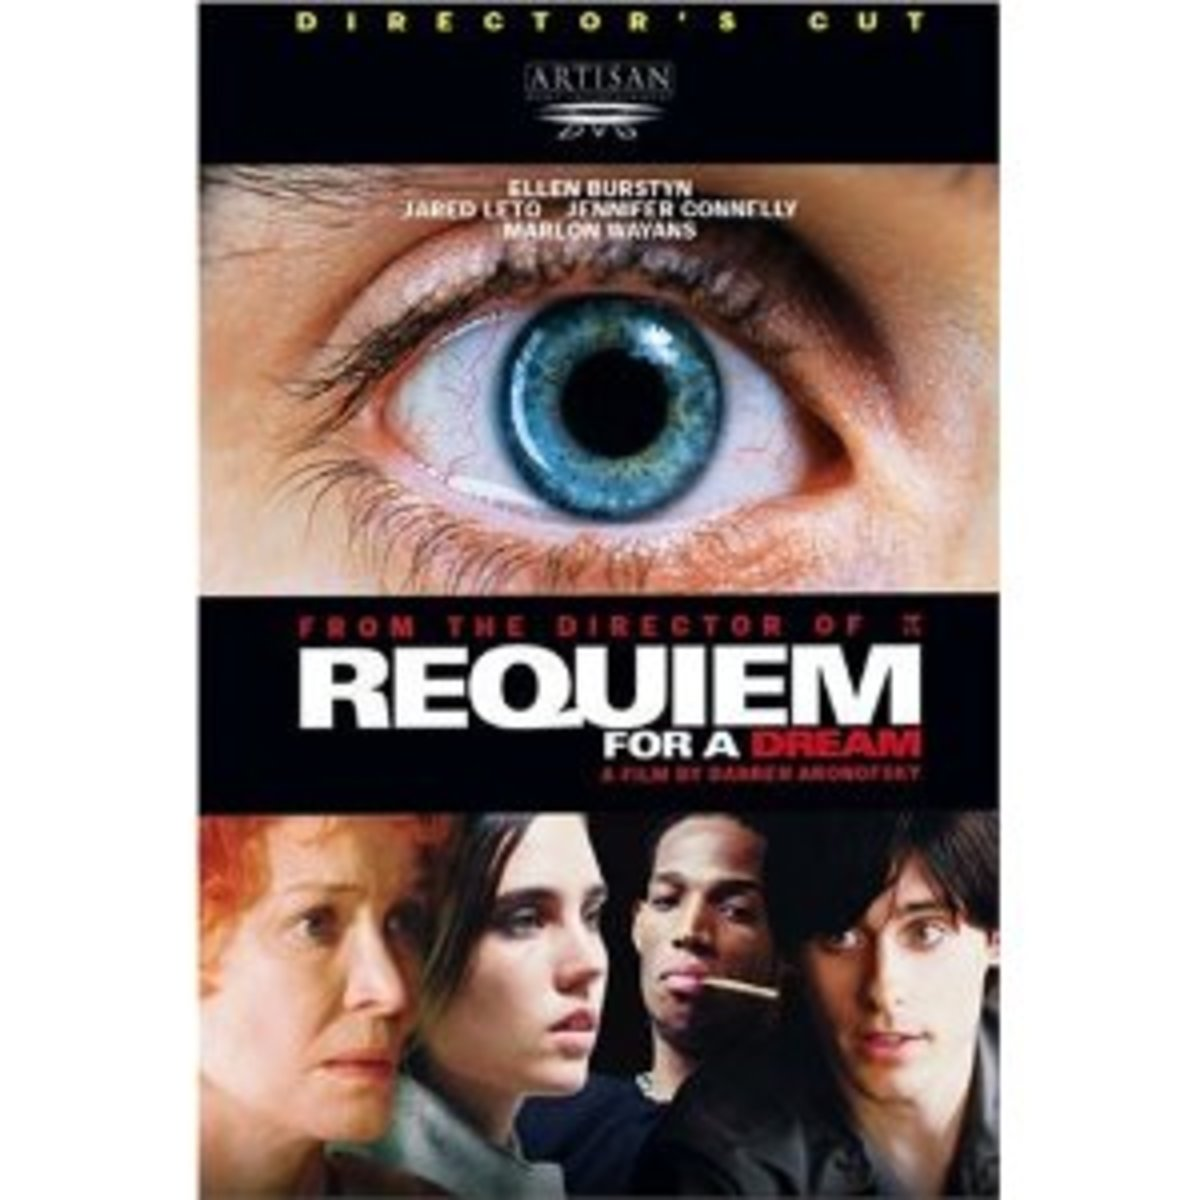 requiem-for-a-dream-and-anoxeria-nervoa